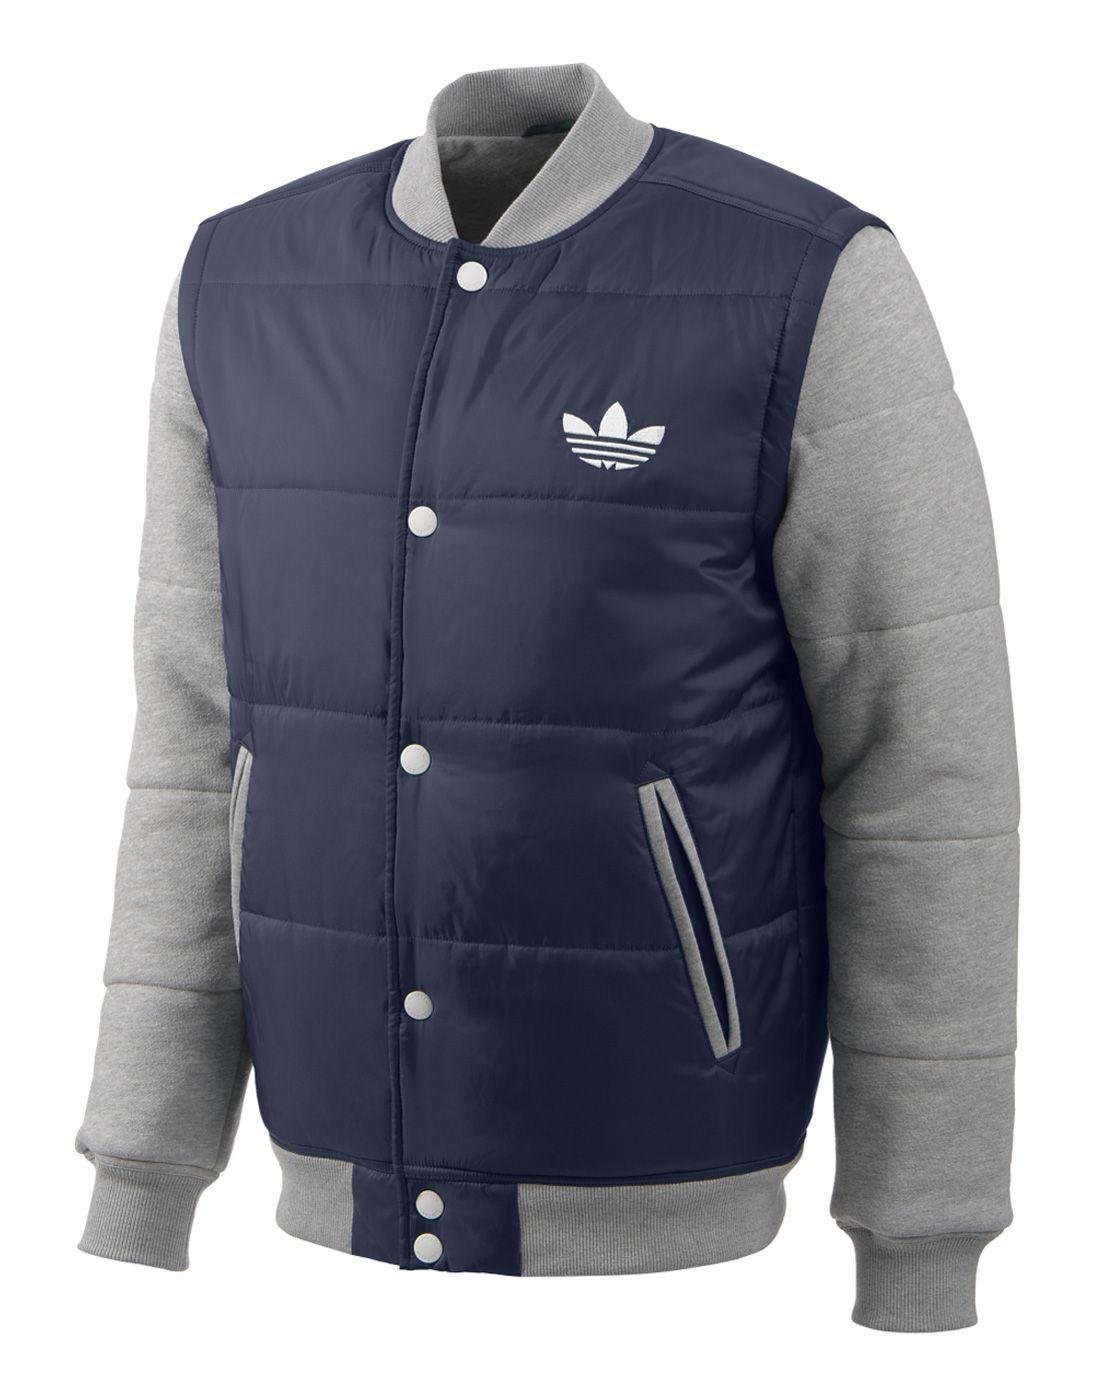 Mes Magnético Por qué no  adidas Originals Mens Padded Removeable Sleeve Jacket | Ropa adidas, Ropa  de hombre, Adidas chaqueta